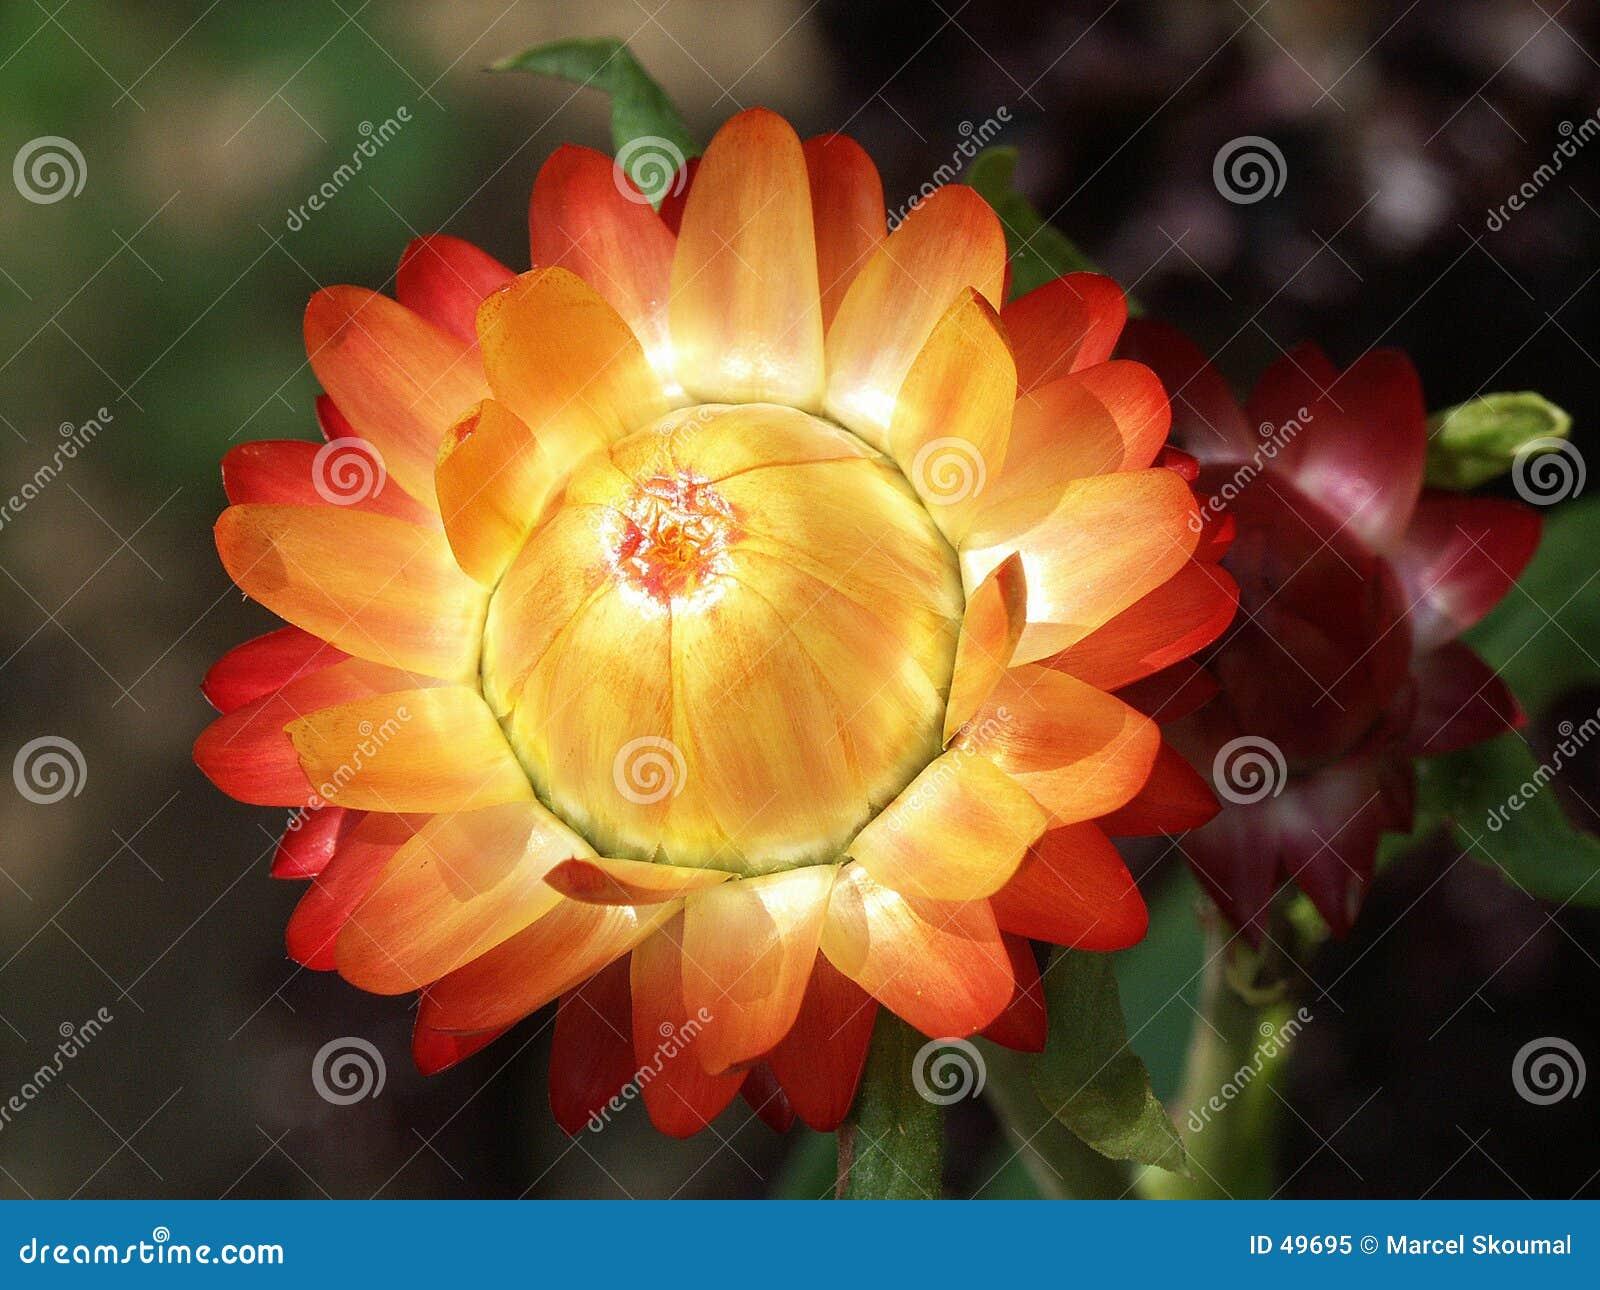 Bloom, blisko